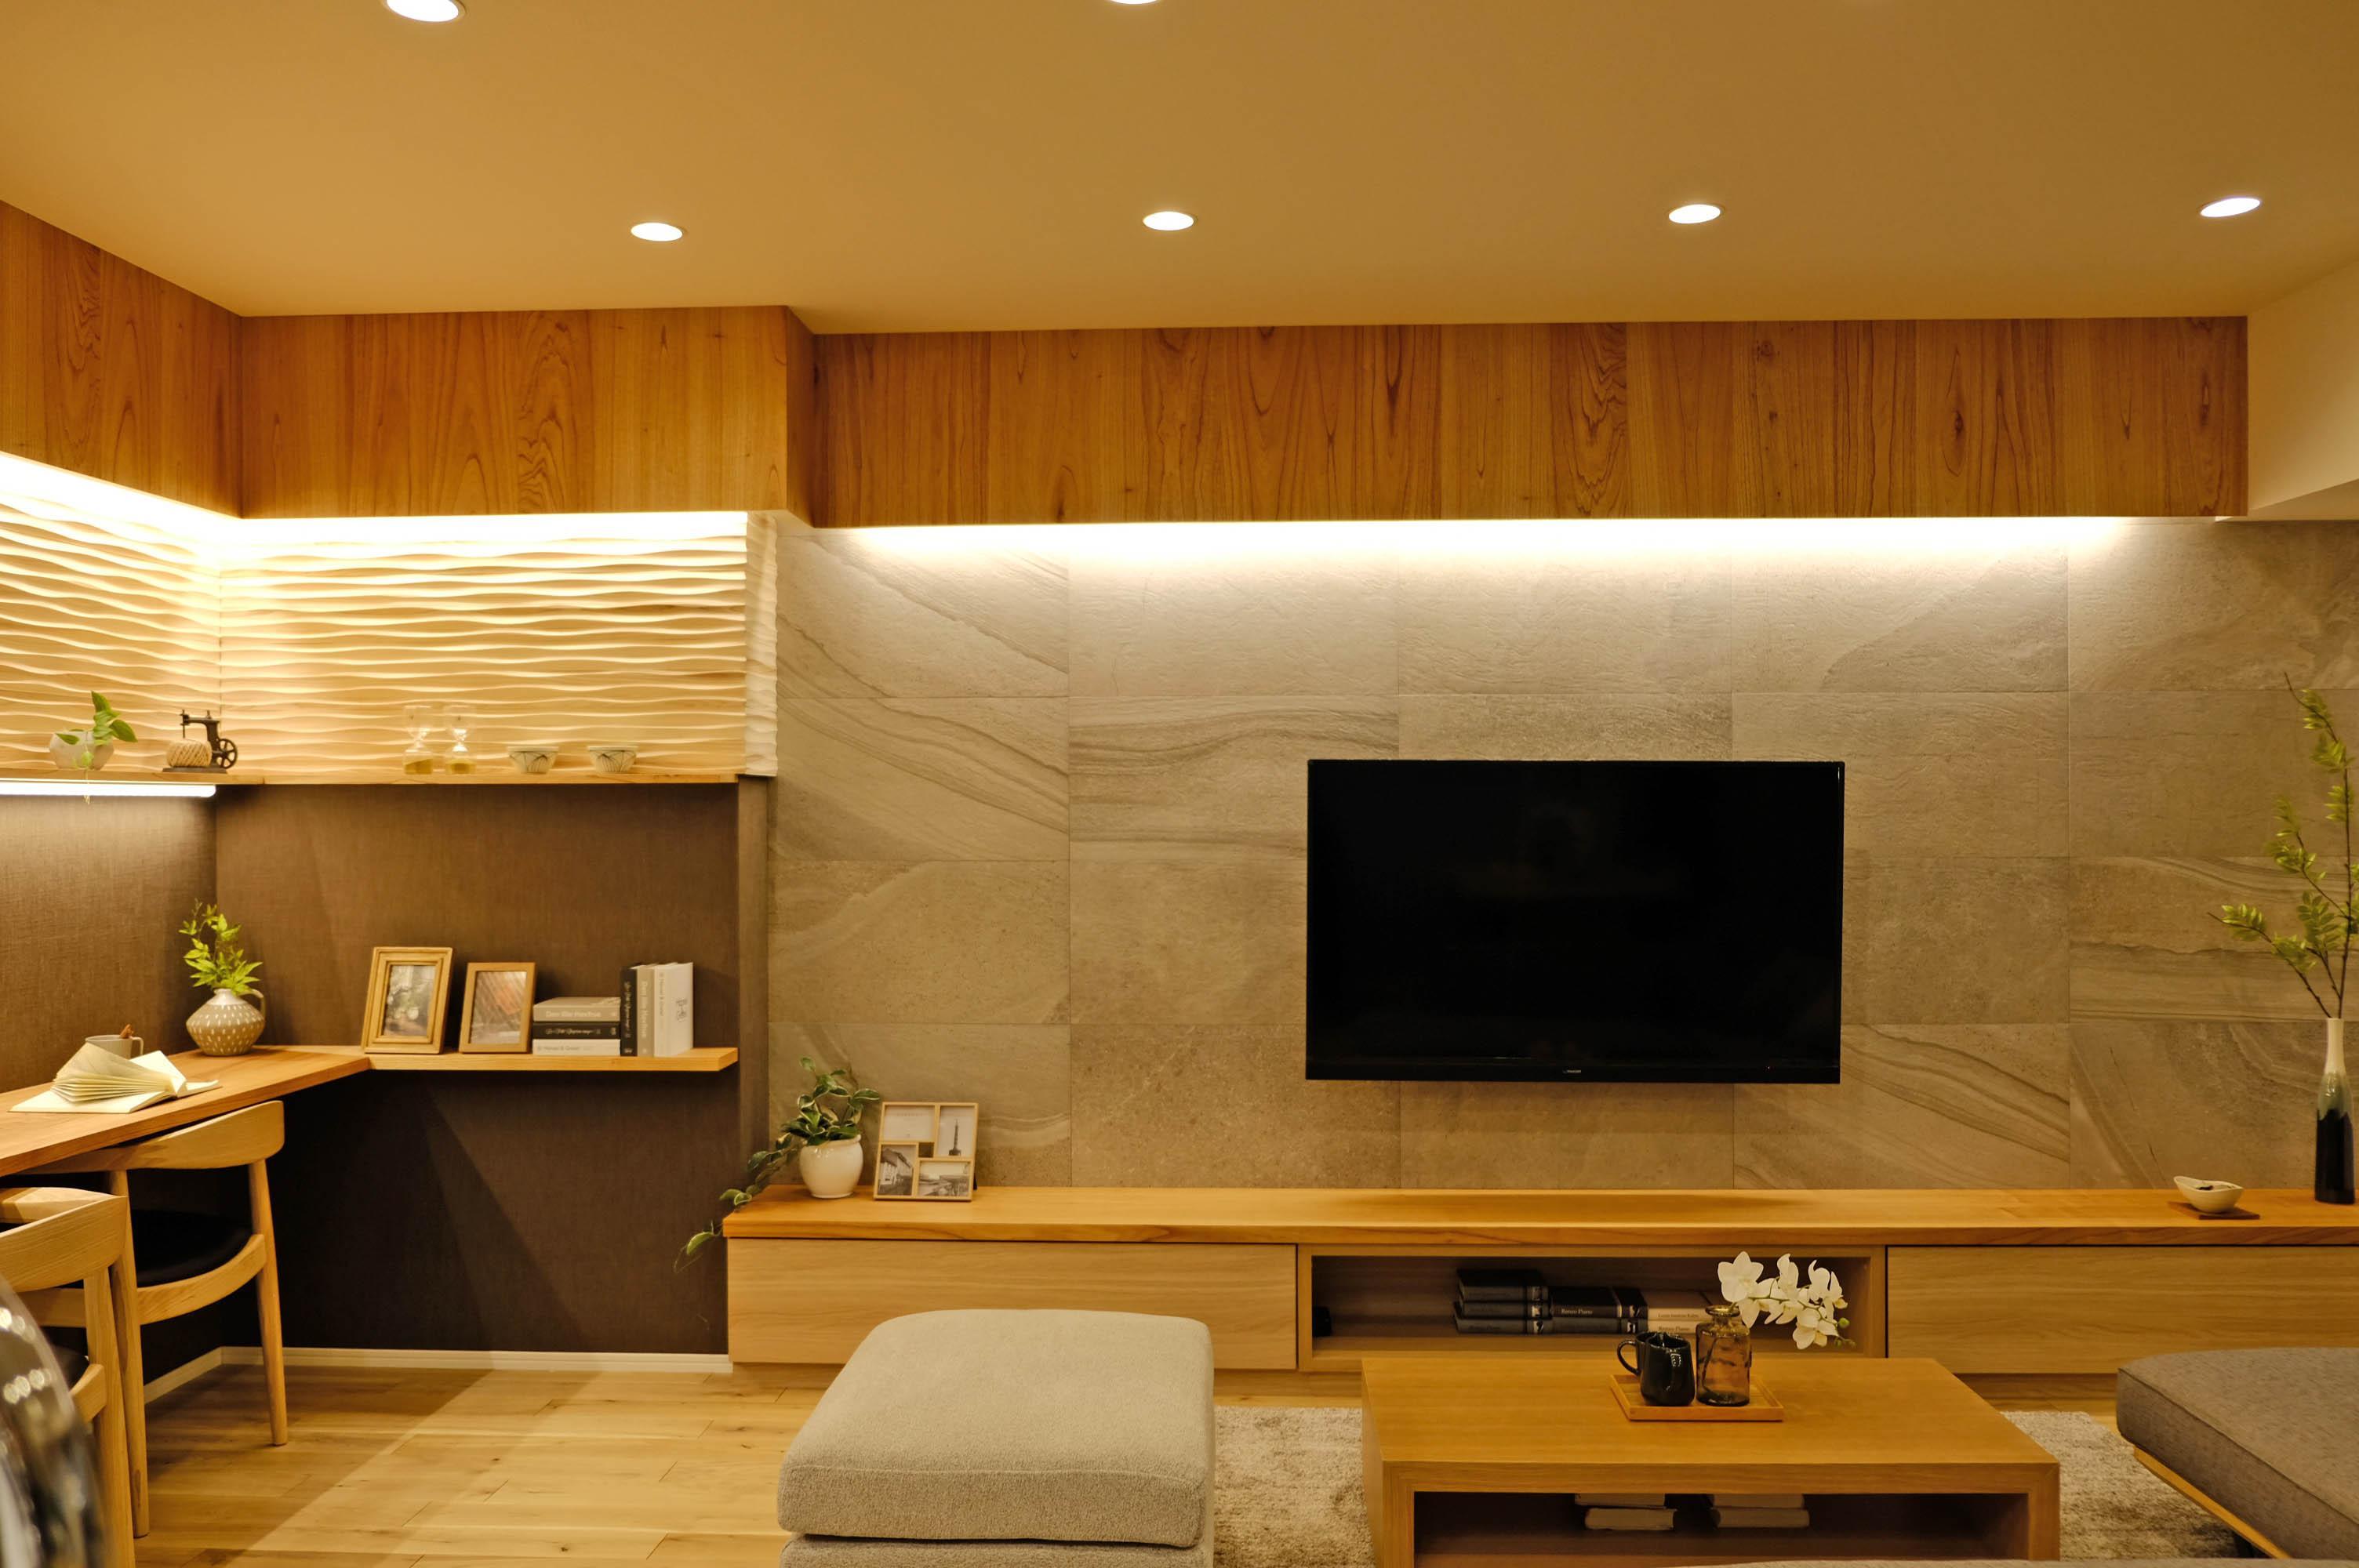 モデルルームでは木の素材を取り入れたイメージが湧いてきます。